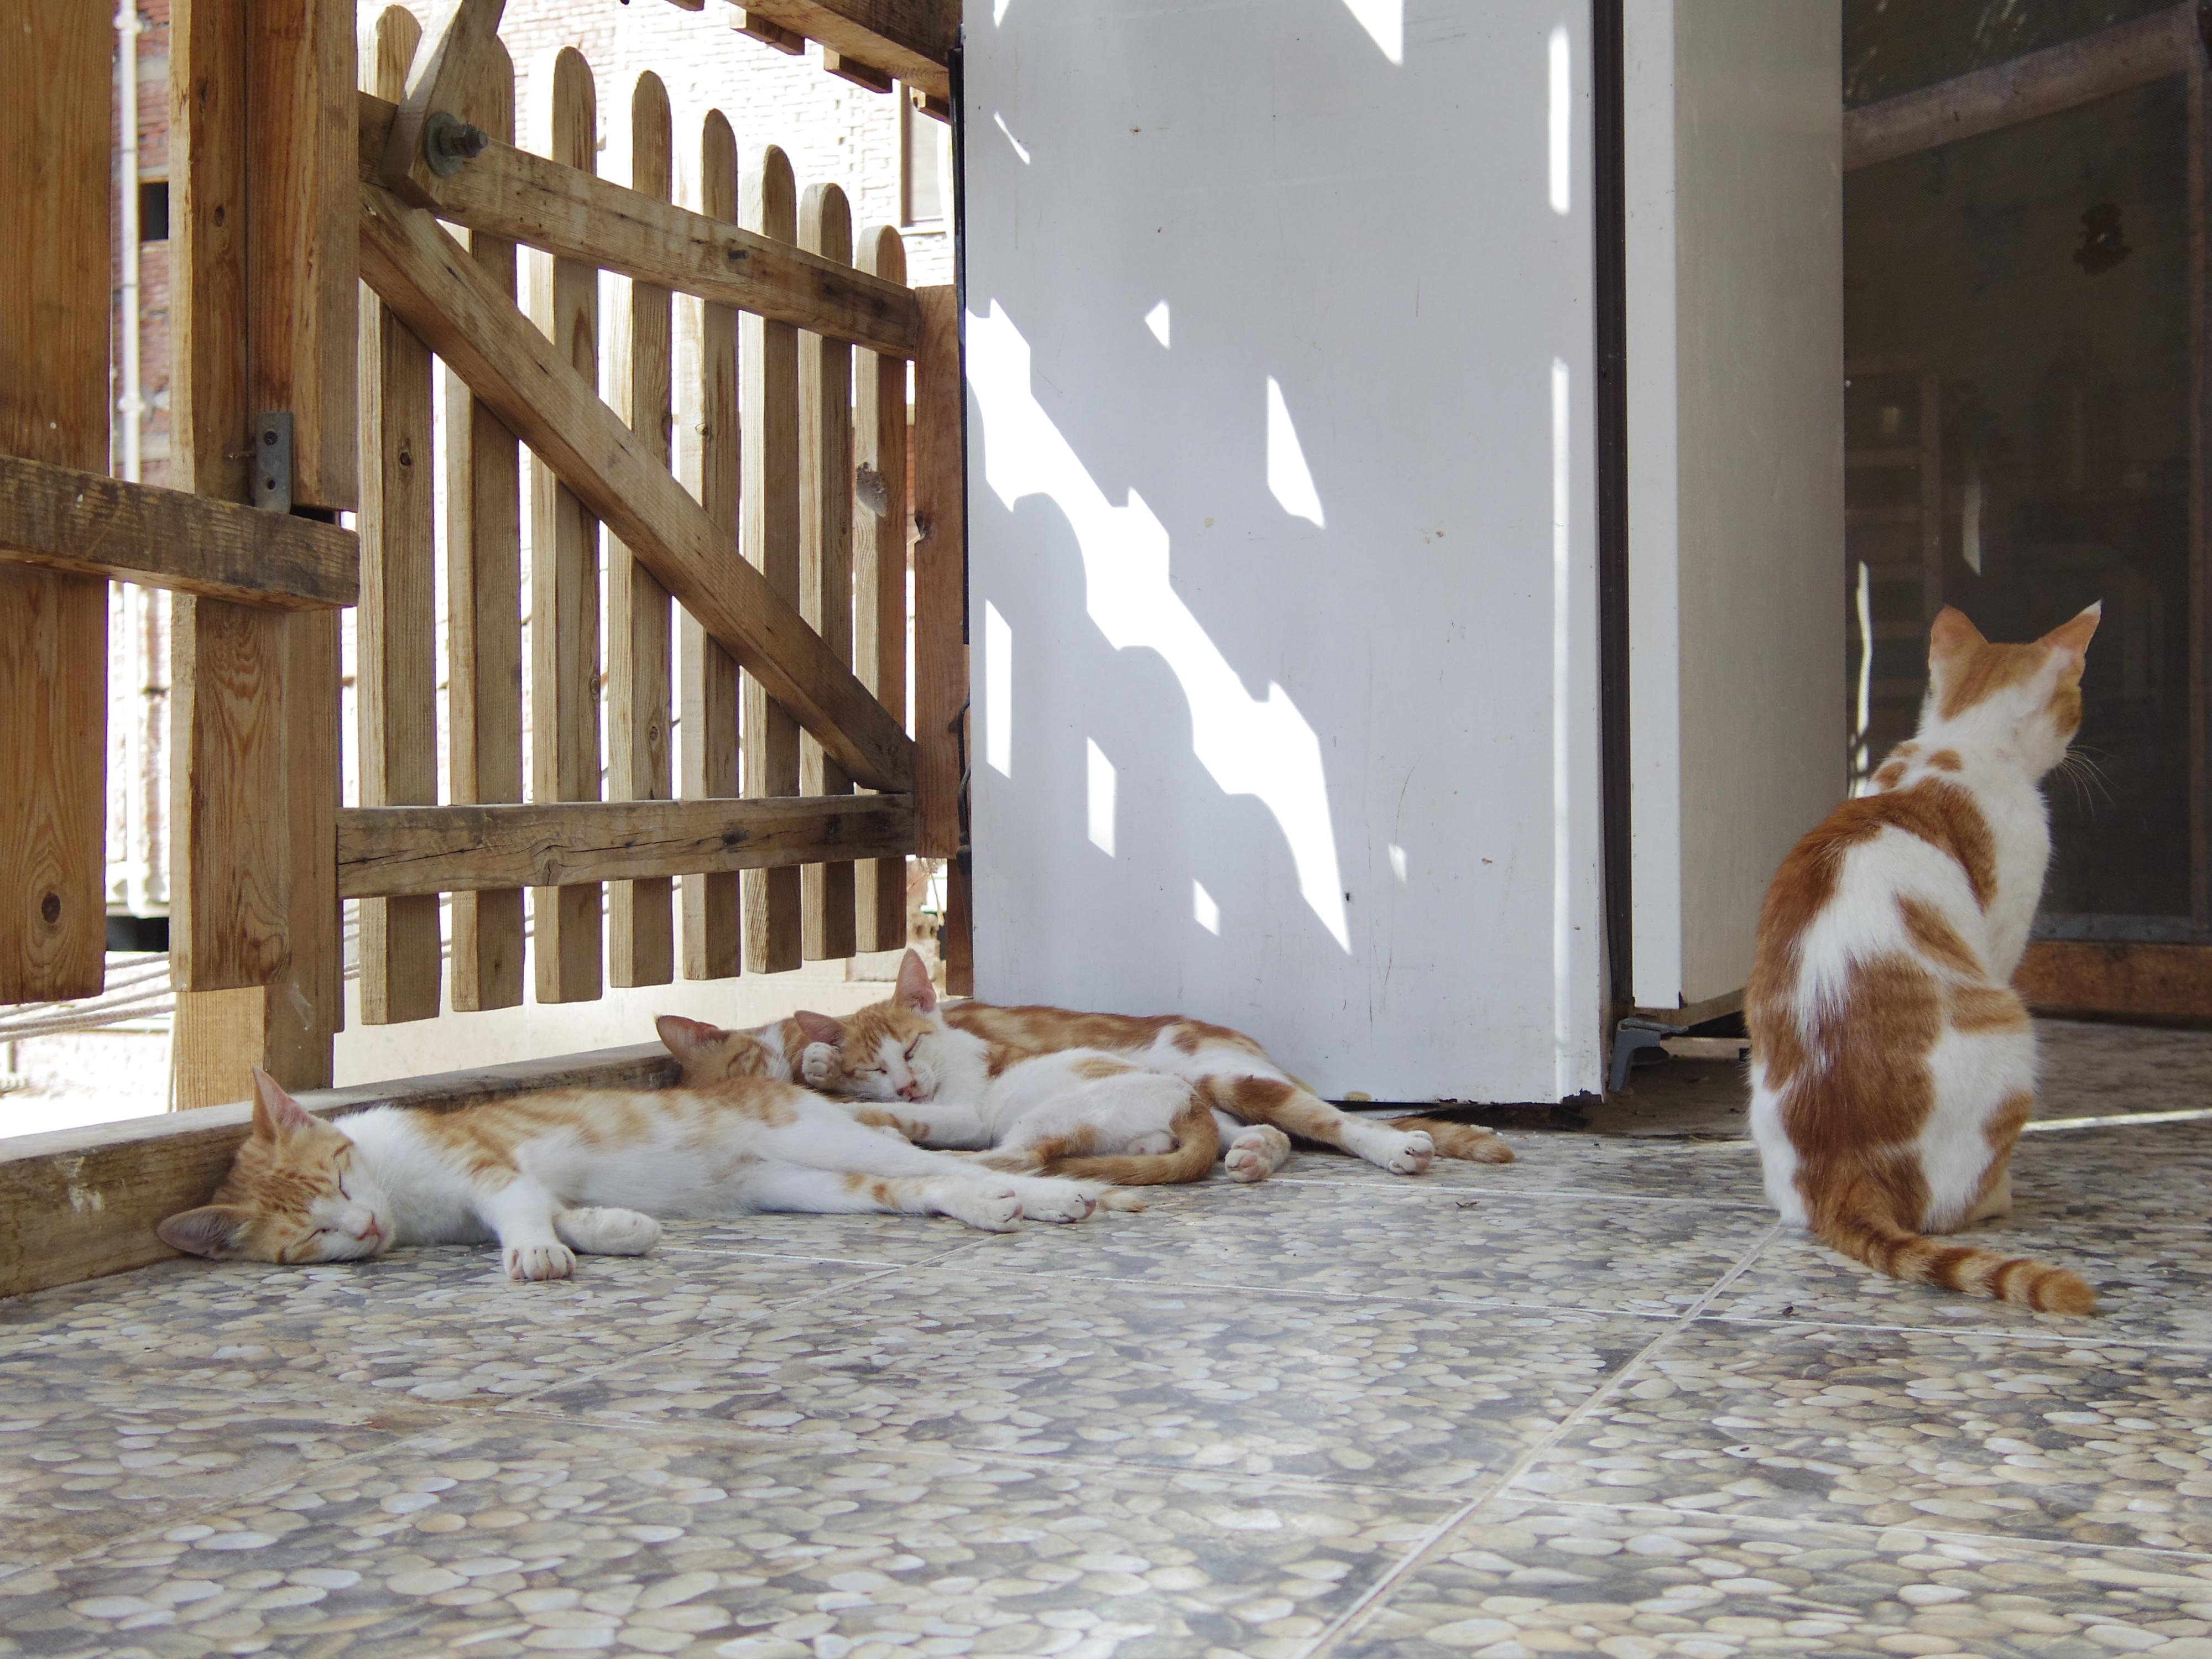 エジプト人と猫   エジプトからアッサラーム・アレイコム ...